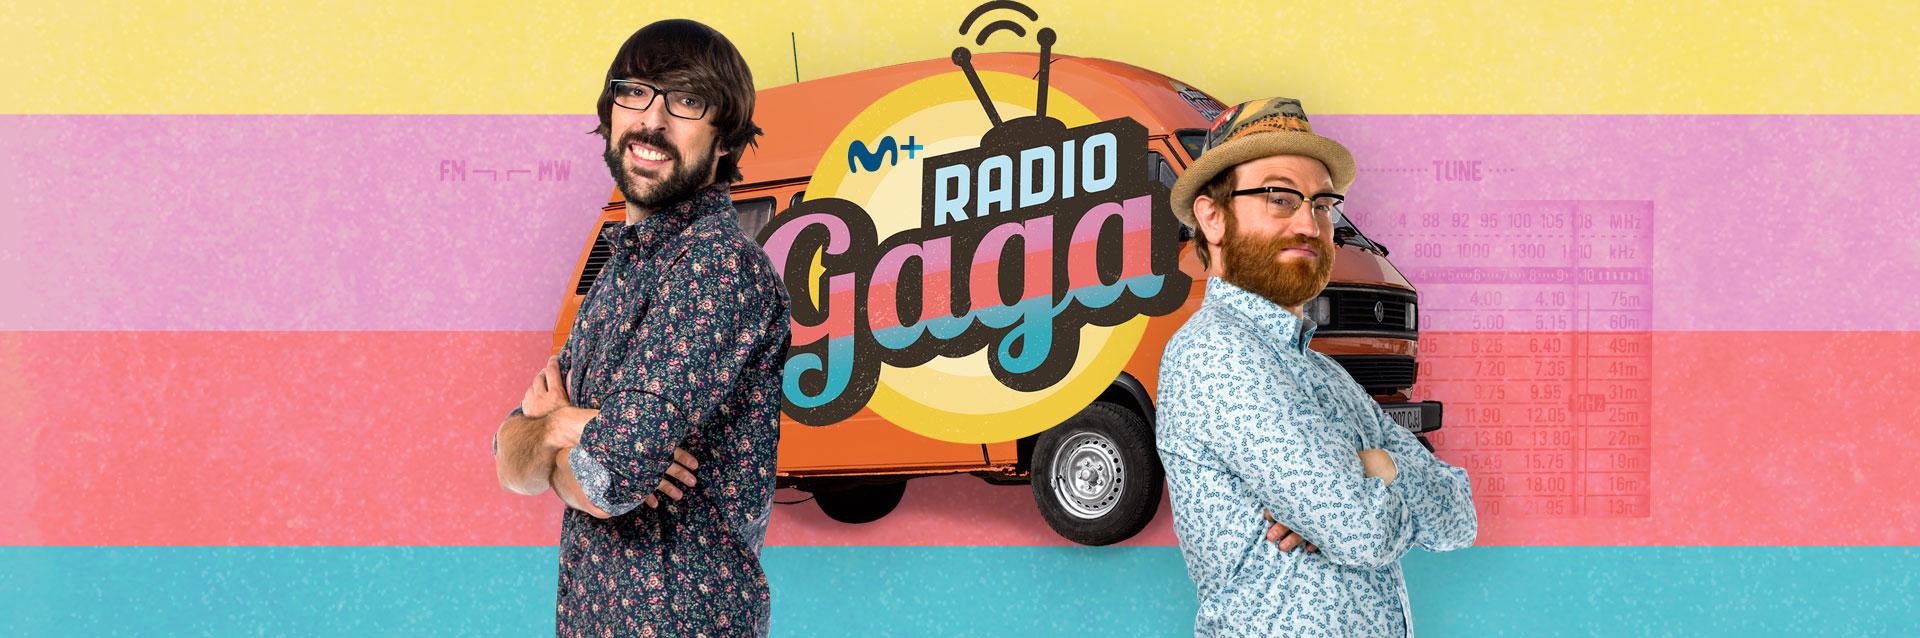 Cabecera Radio Gaga